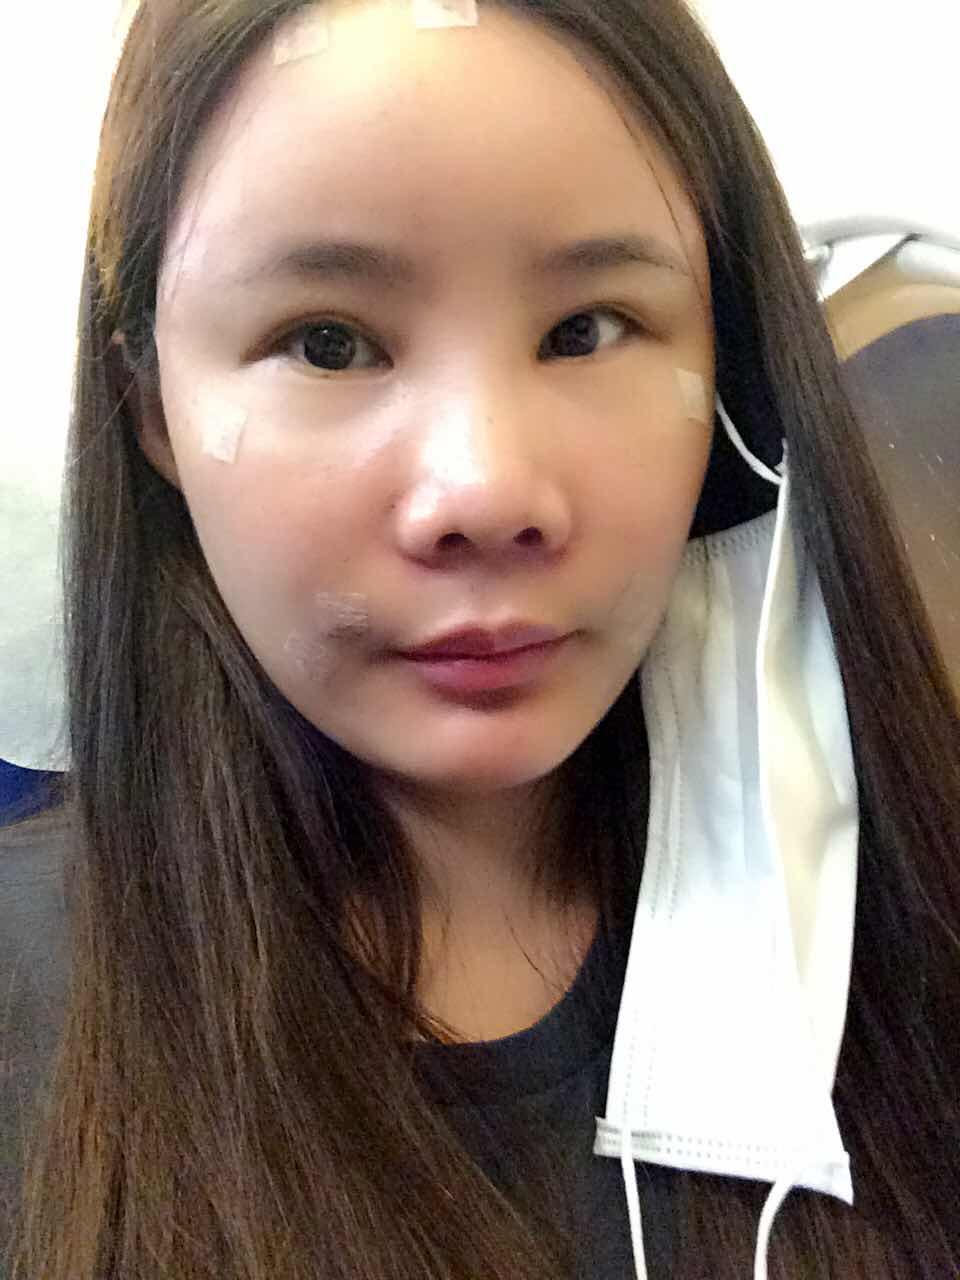 鼻综合还有全脸填充案例,看看我的鼻综合还需要怎么改进